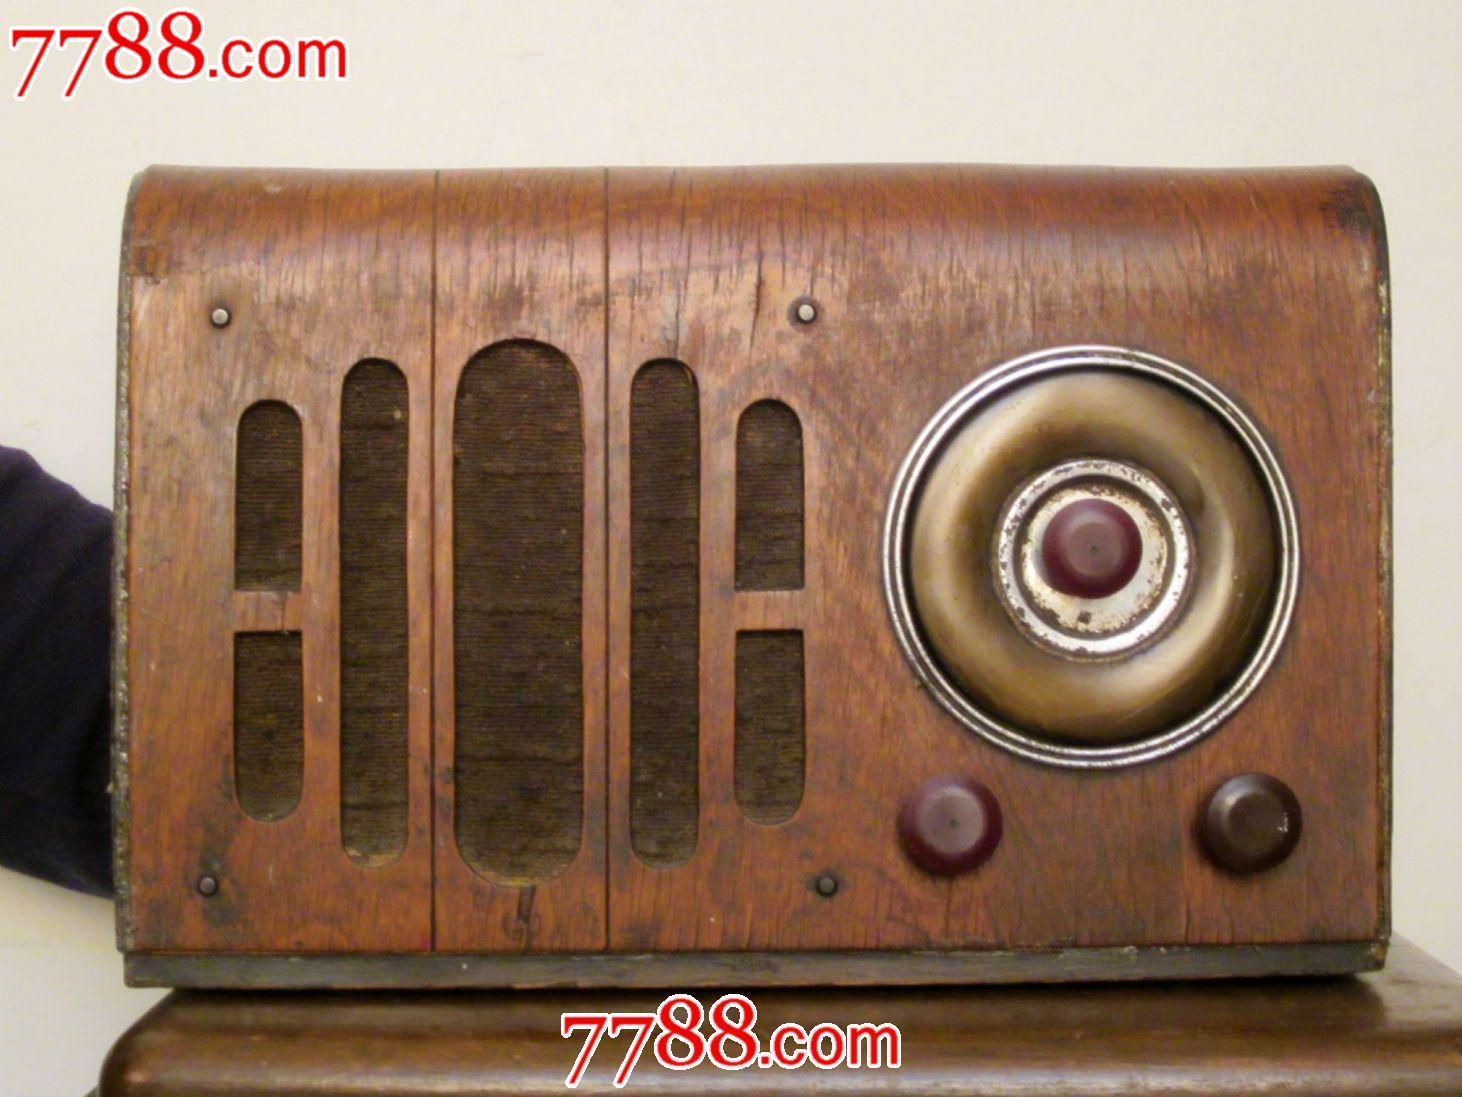 编号: se18852475,15 品种: 收音机-收音机 属性: 电子管收音机,民国